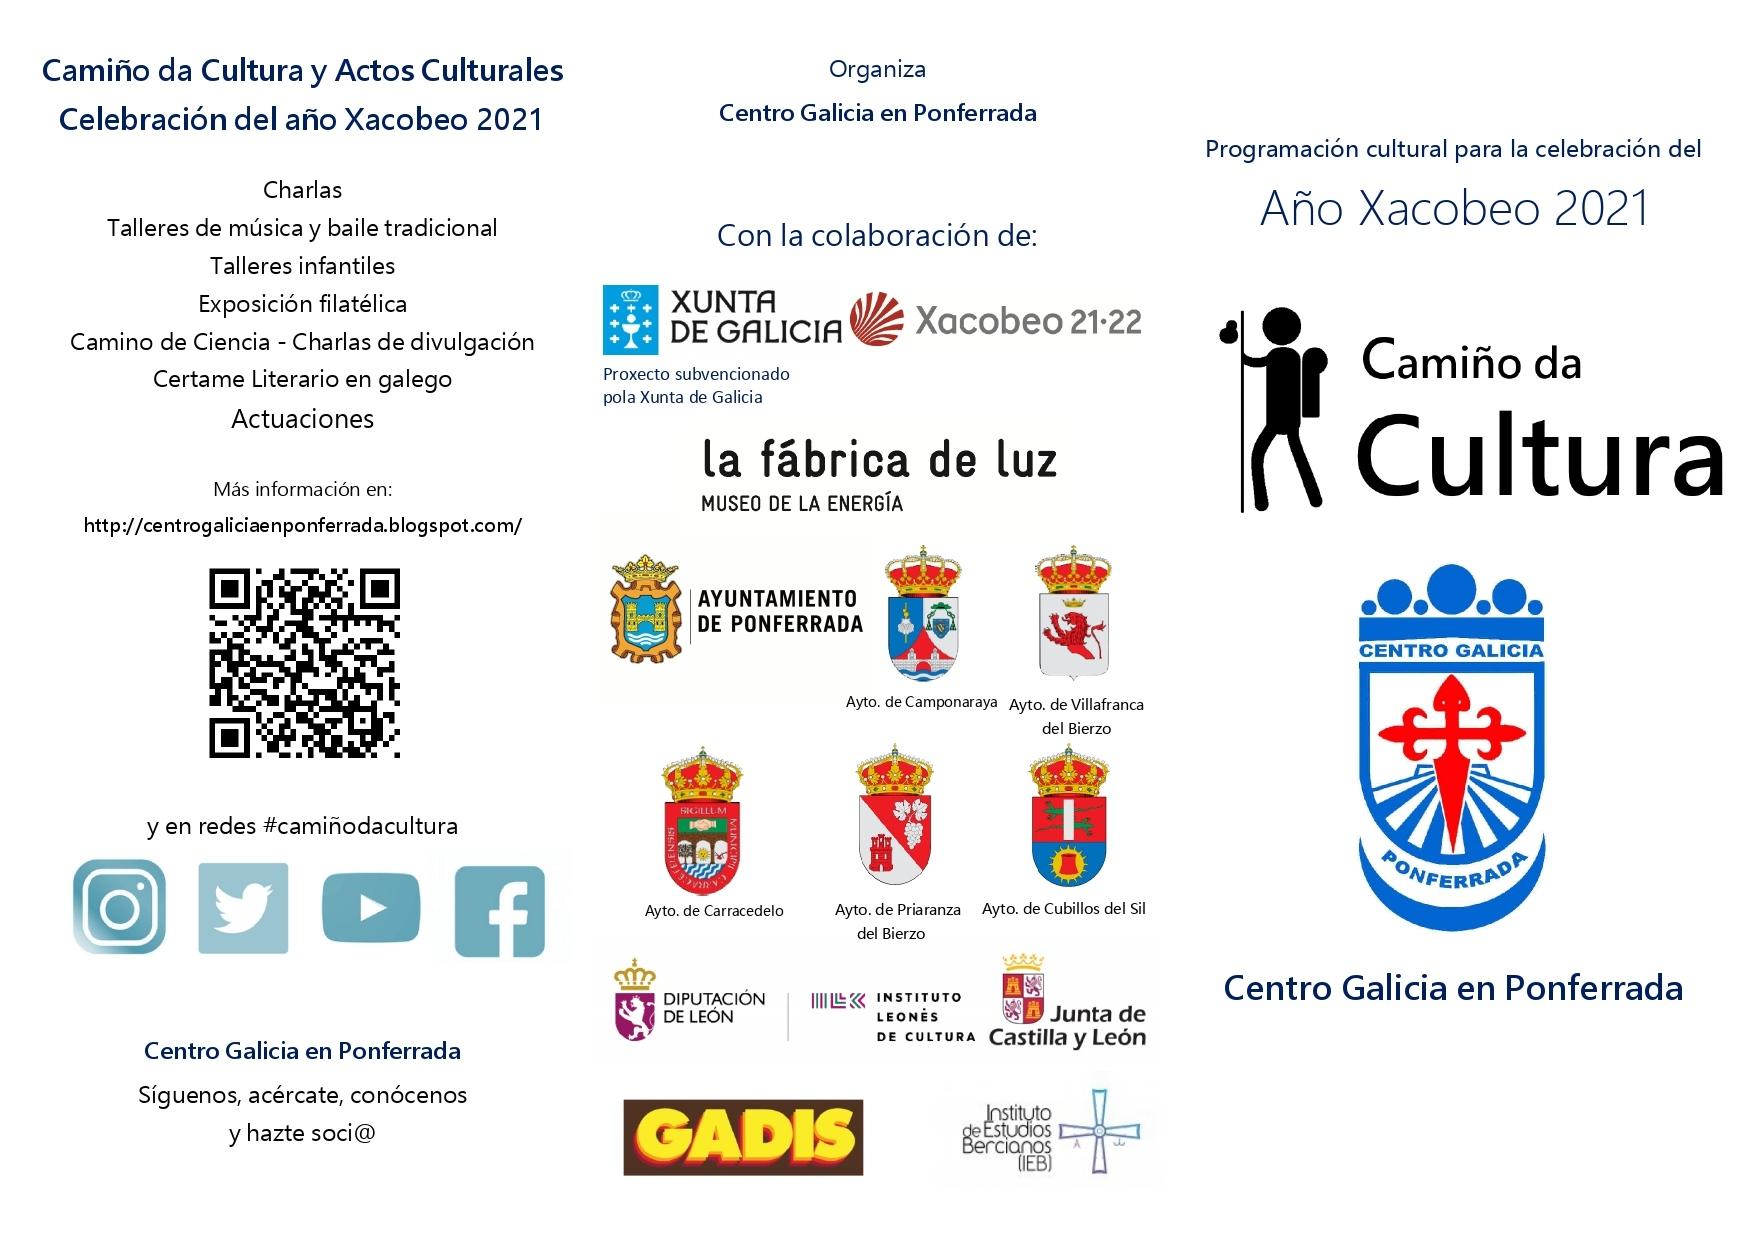 Los actos culturales del Xacobeo 2021 se presentan en el Museo de la Energía 4